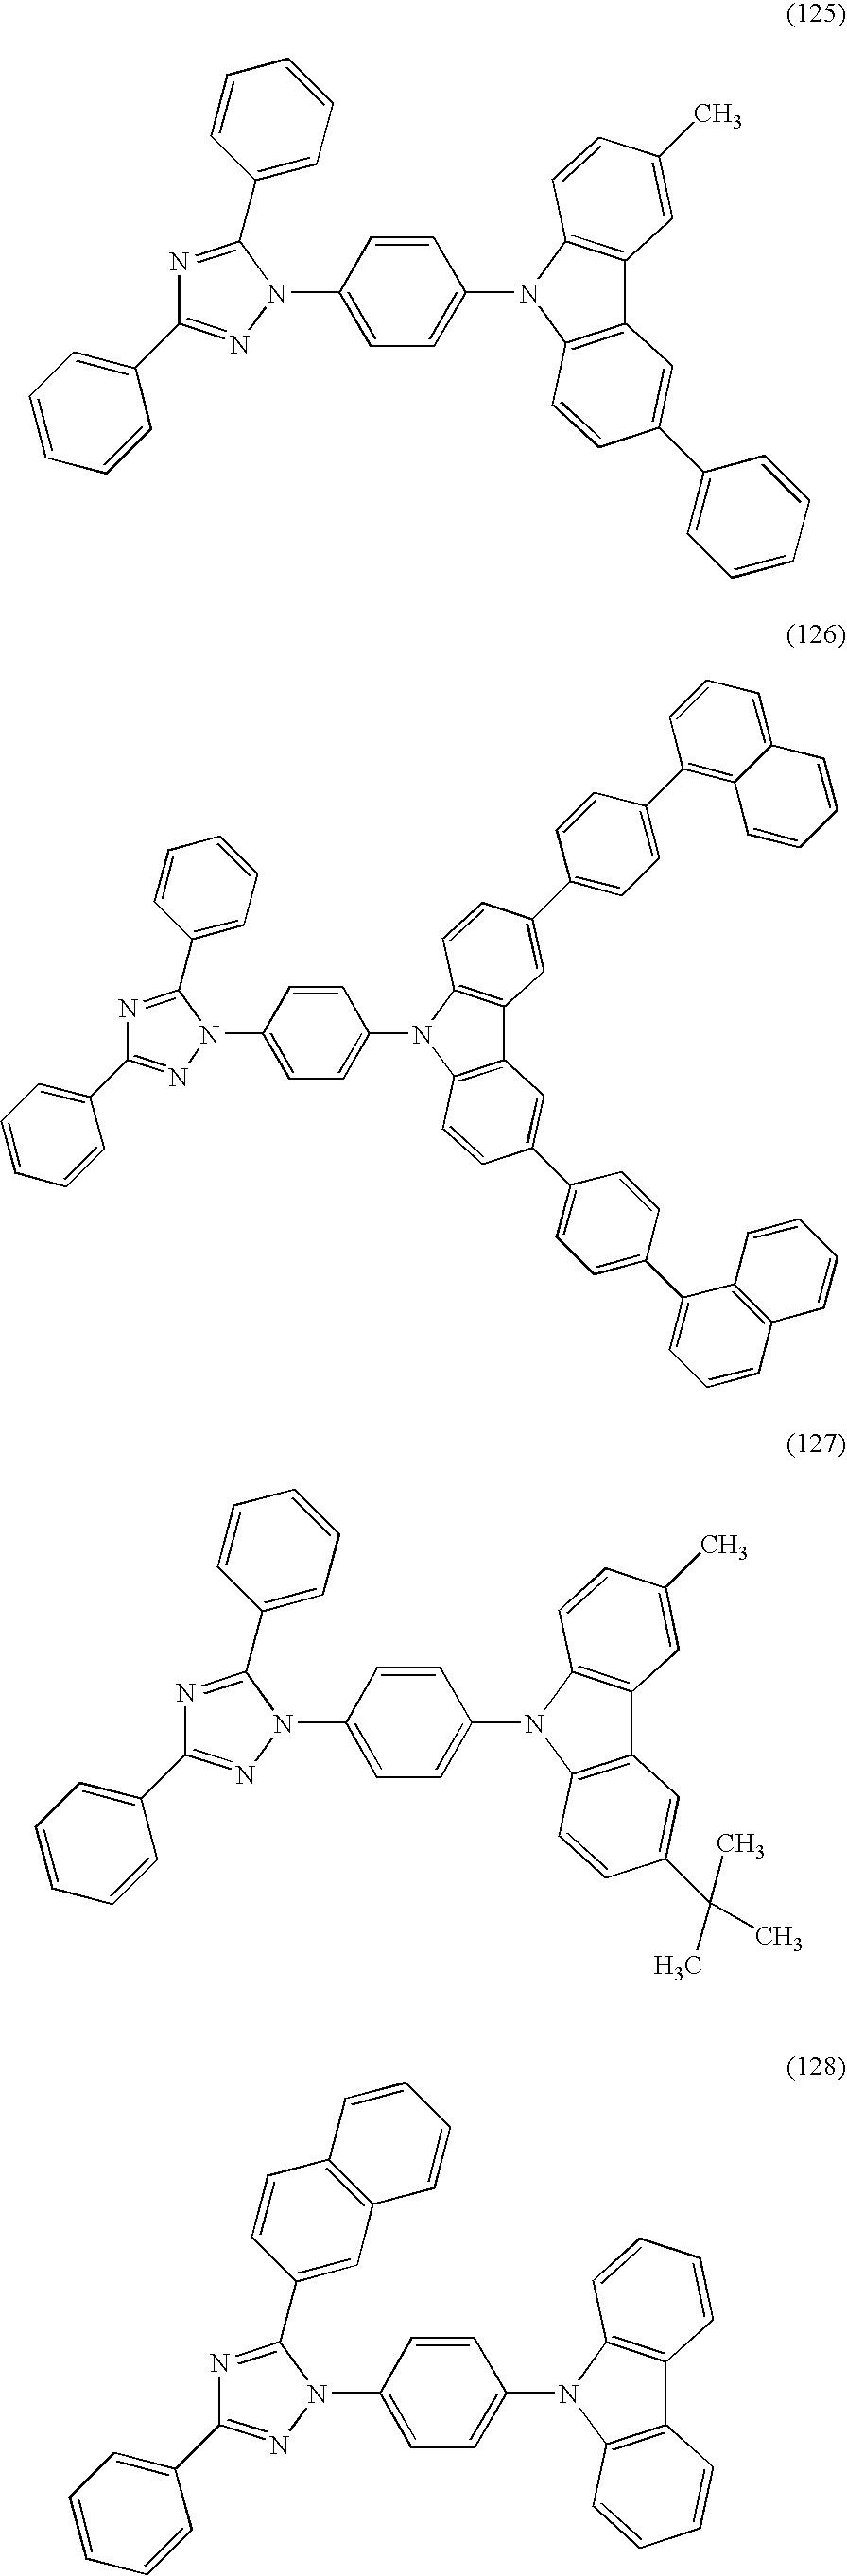 Figure US08551625-20131008-C00052